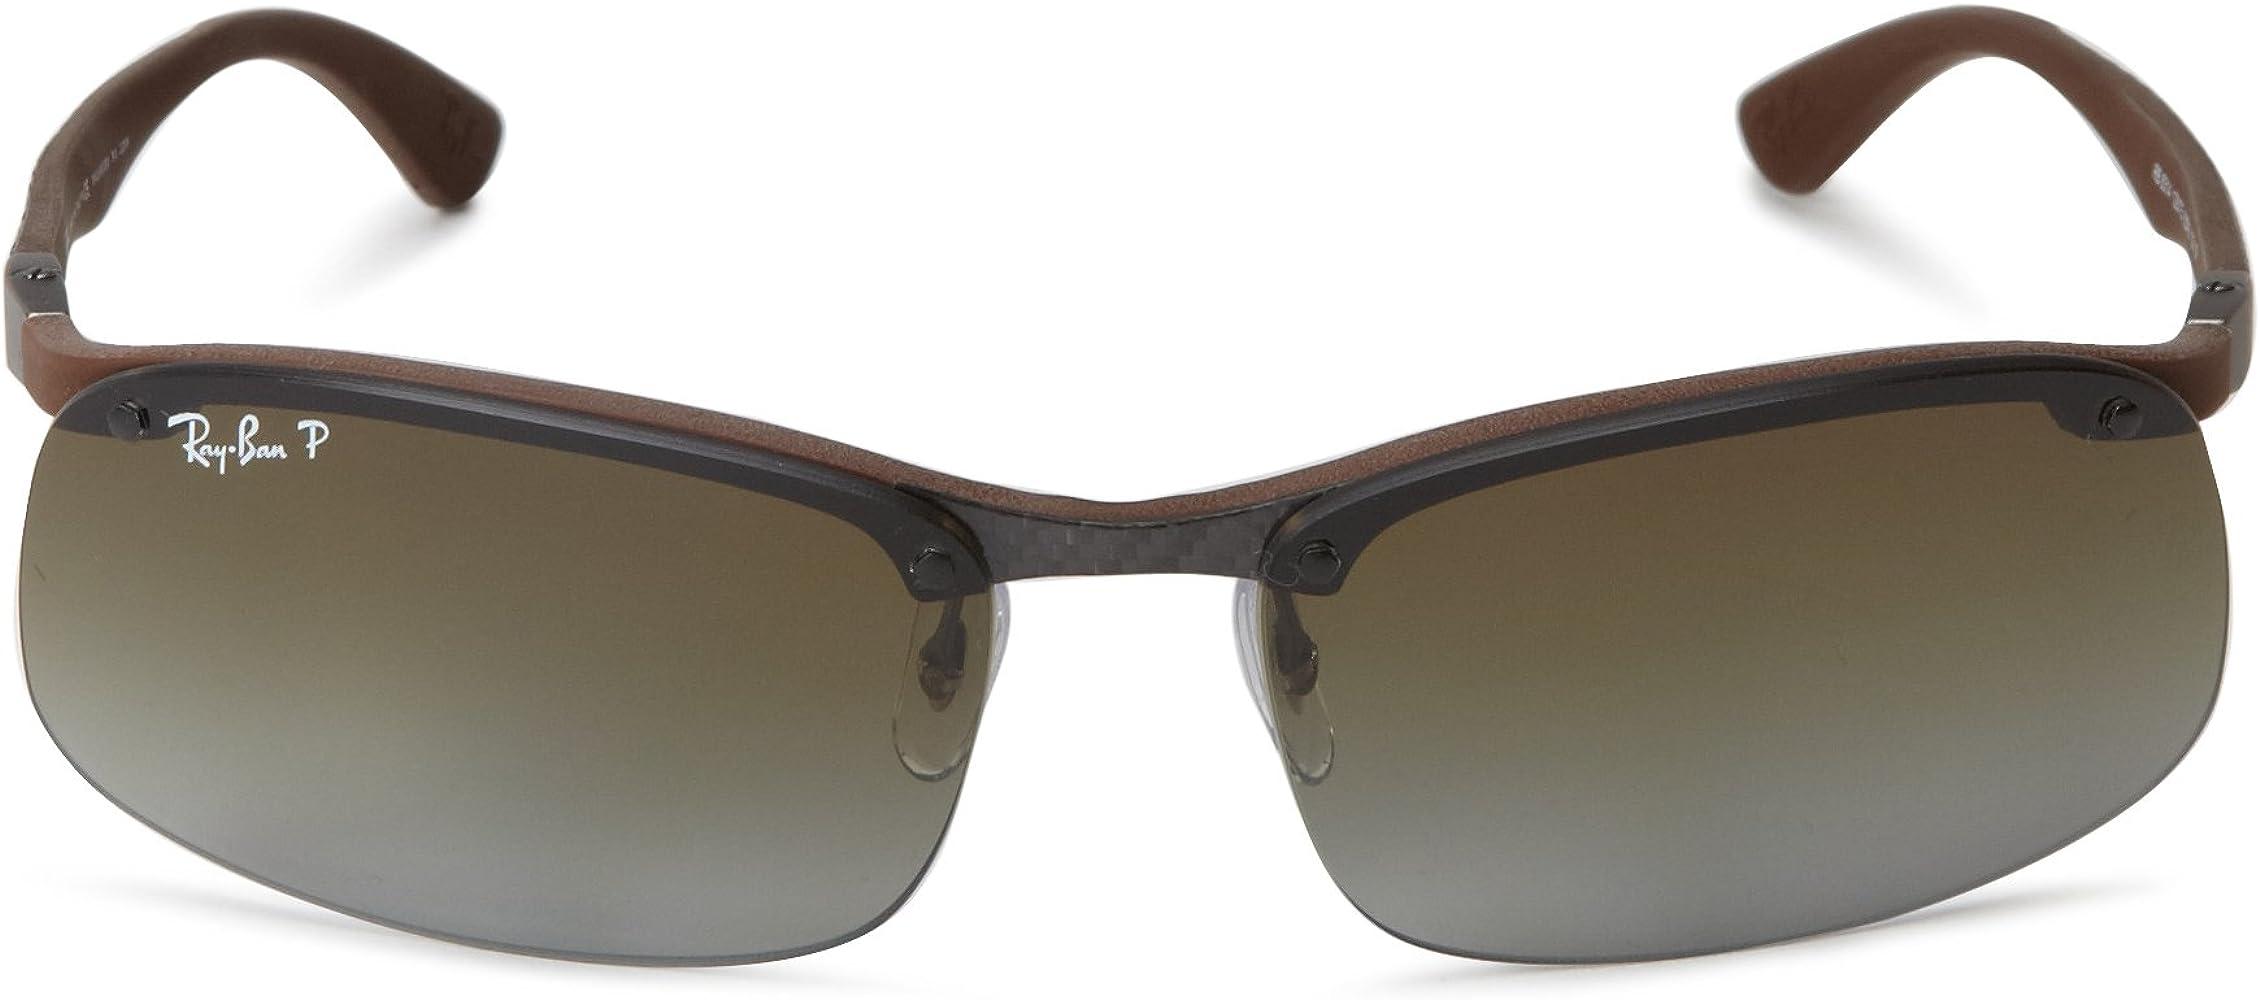 RAY BAN Gafas de sol RB 8314 128/T5 Oscuro Carbon Rubber Brown 61MM: Amazon.es: Ropa y accesorios